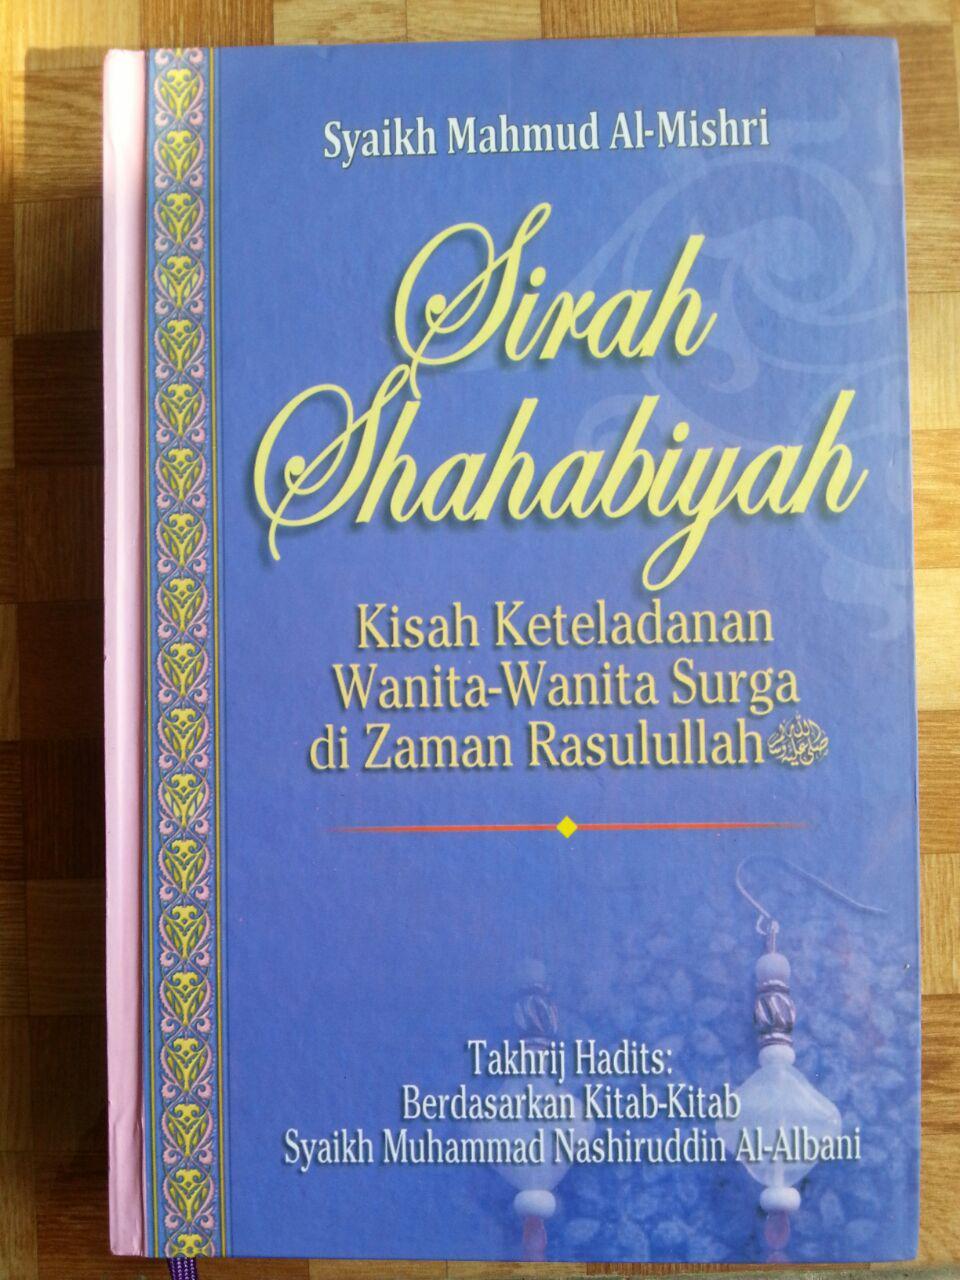 Buku Sirah Shahabiyah cover 2